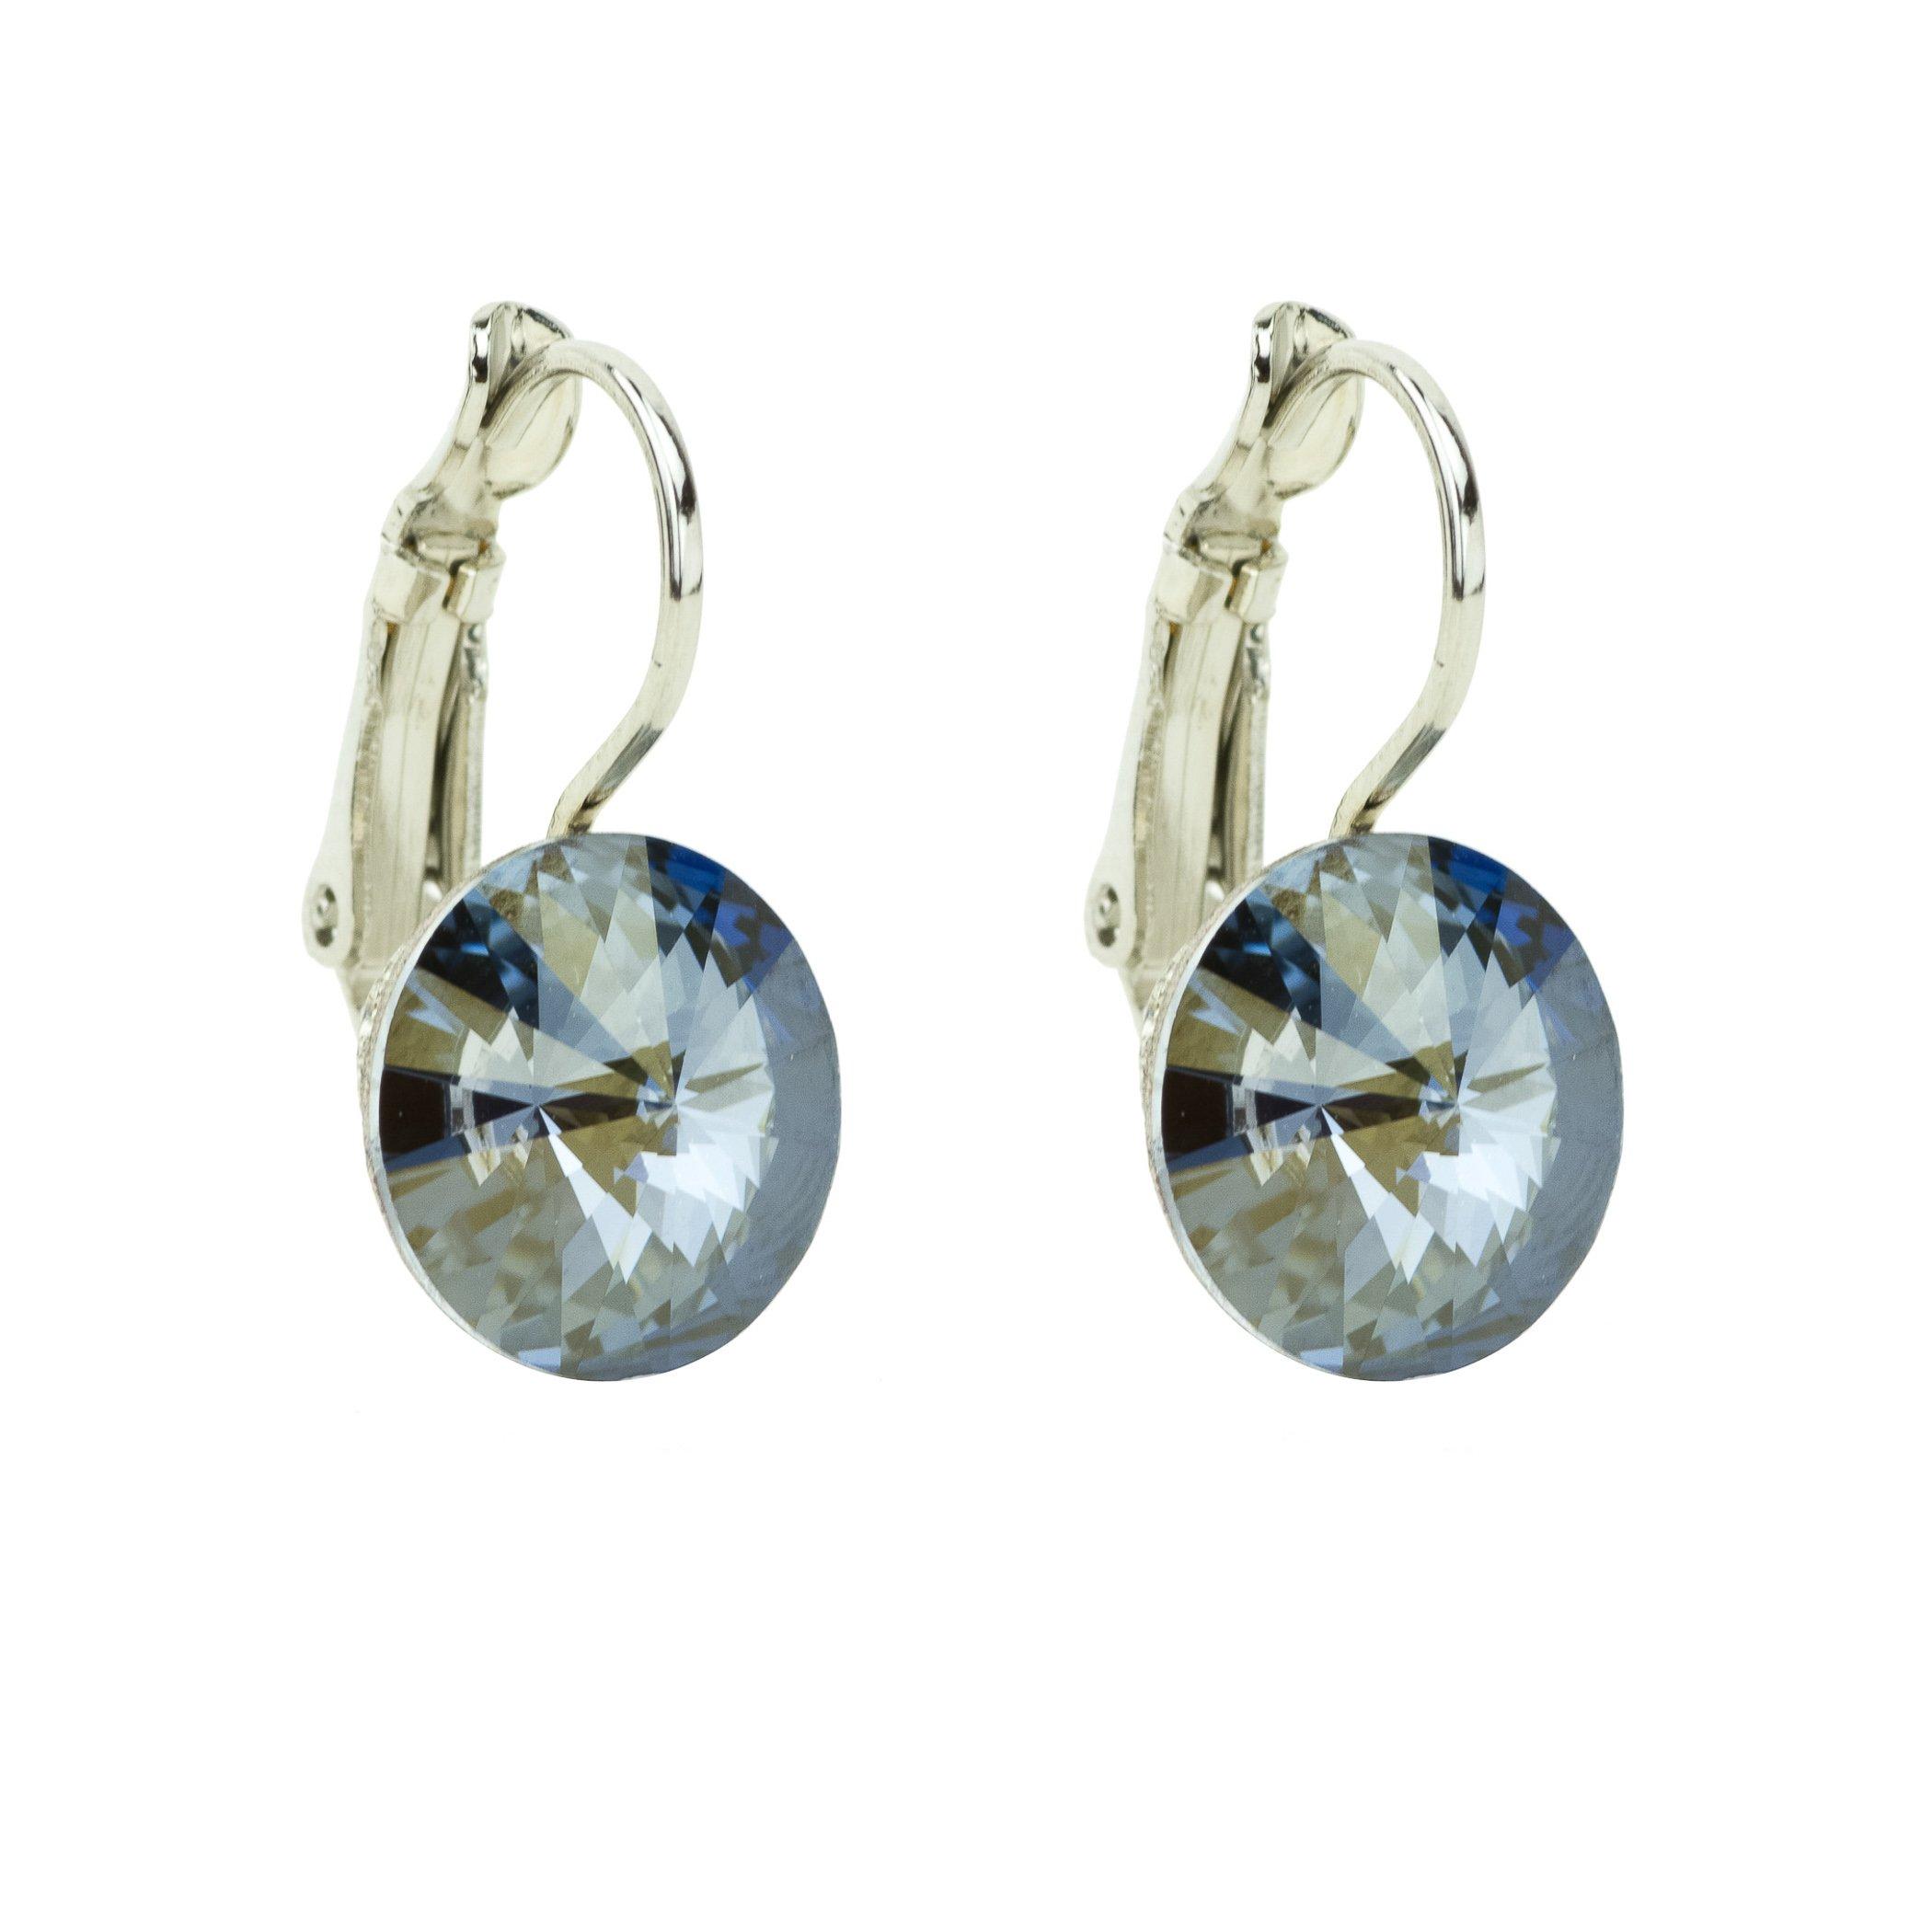 Eve S jewelry orecchini da donna con Swarovski Elements Crystal Blue Shade (10mm) placcati argento